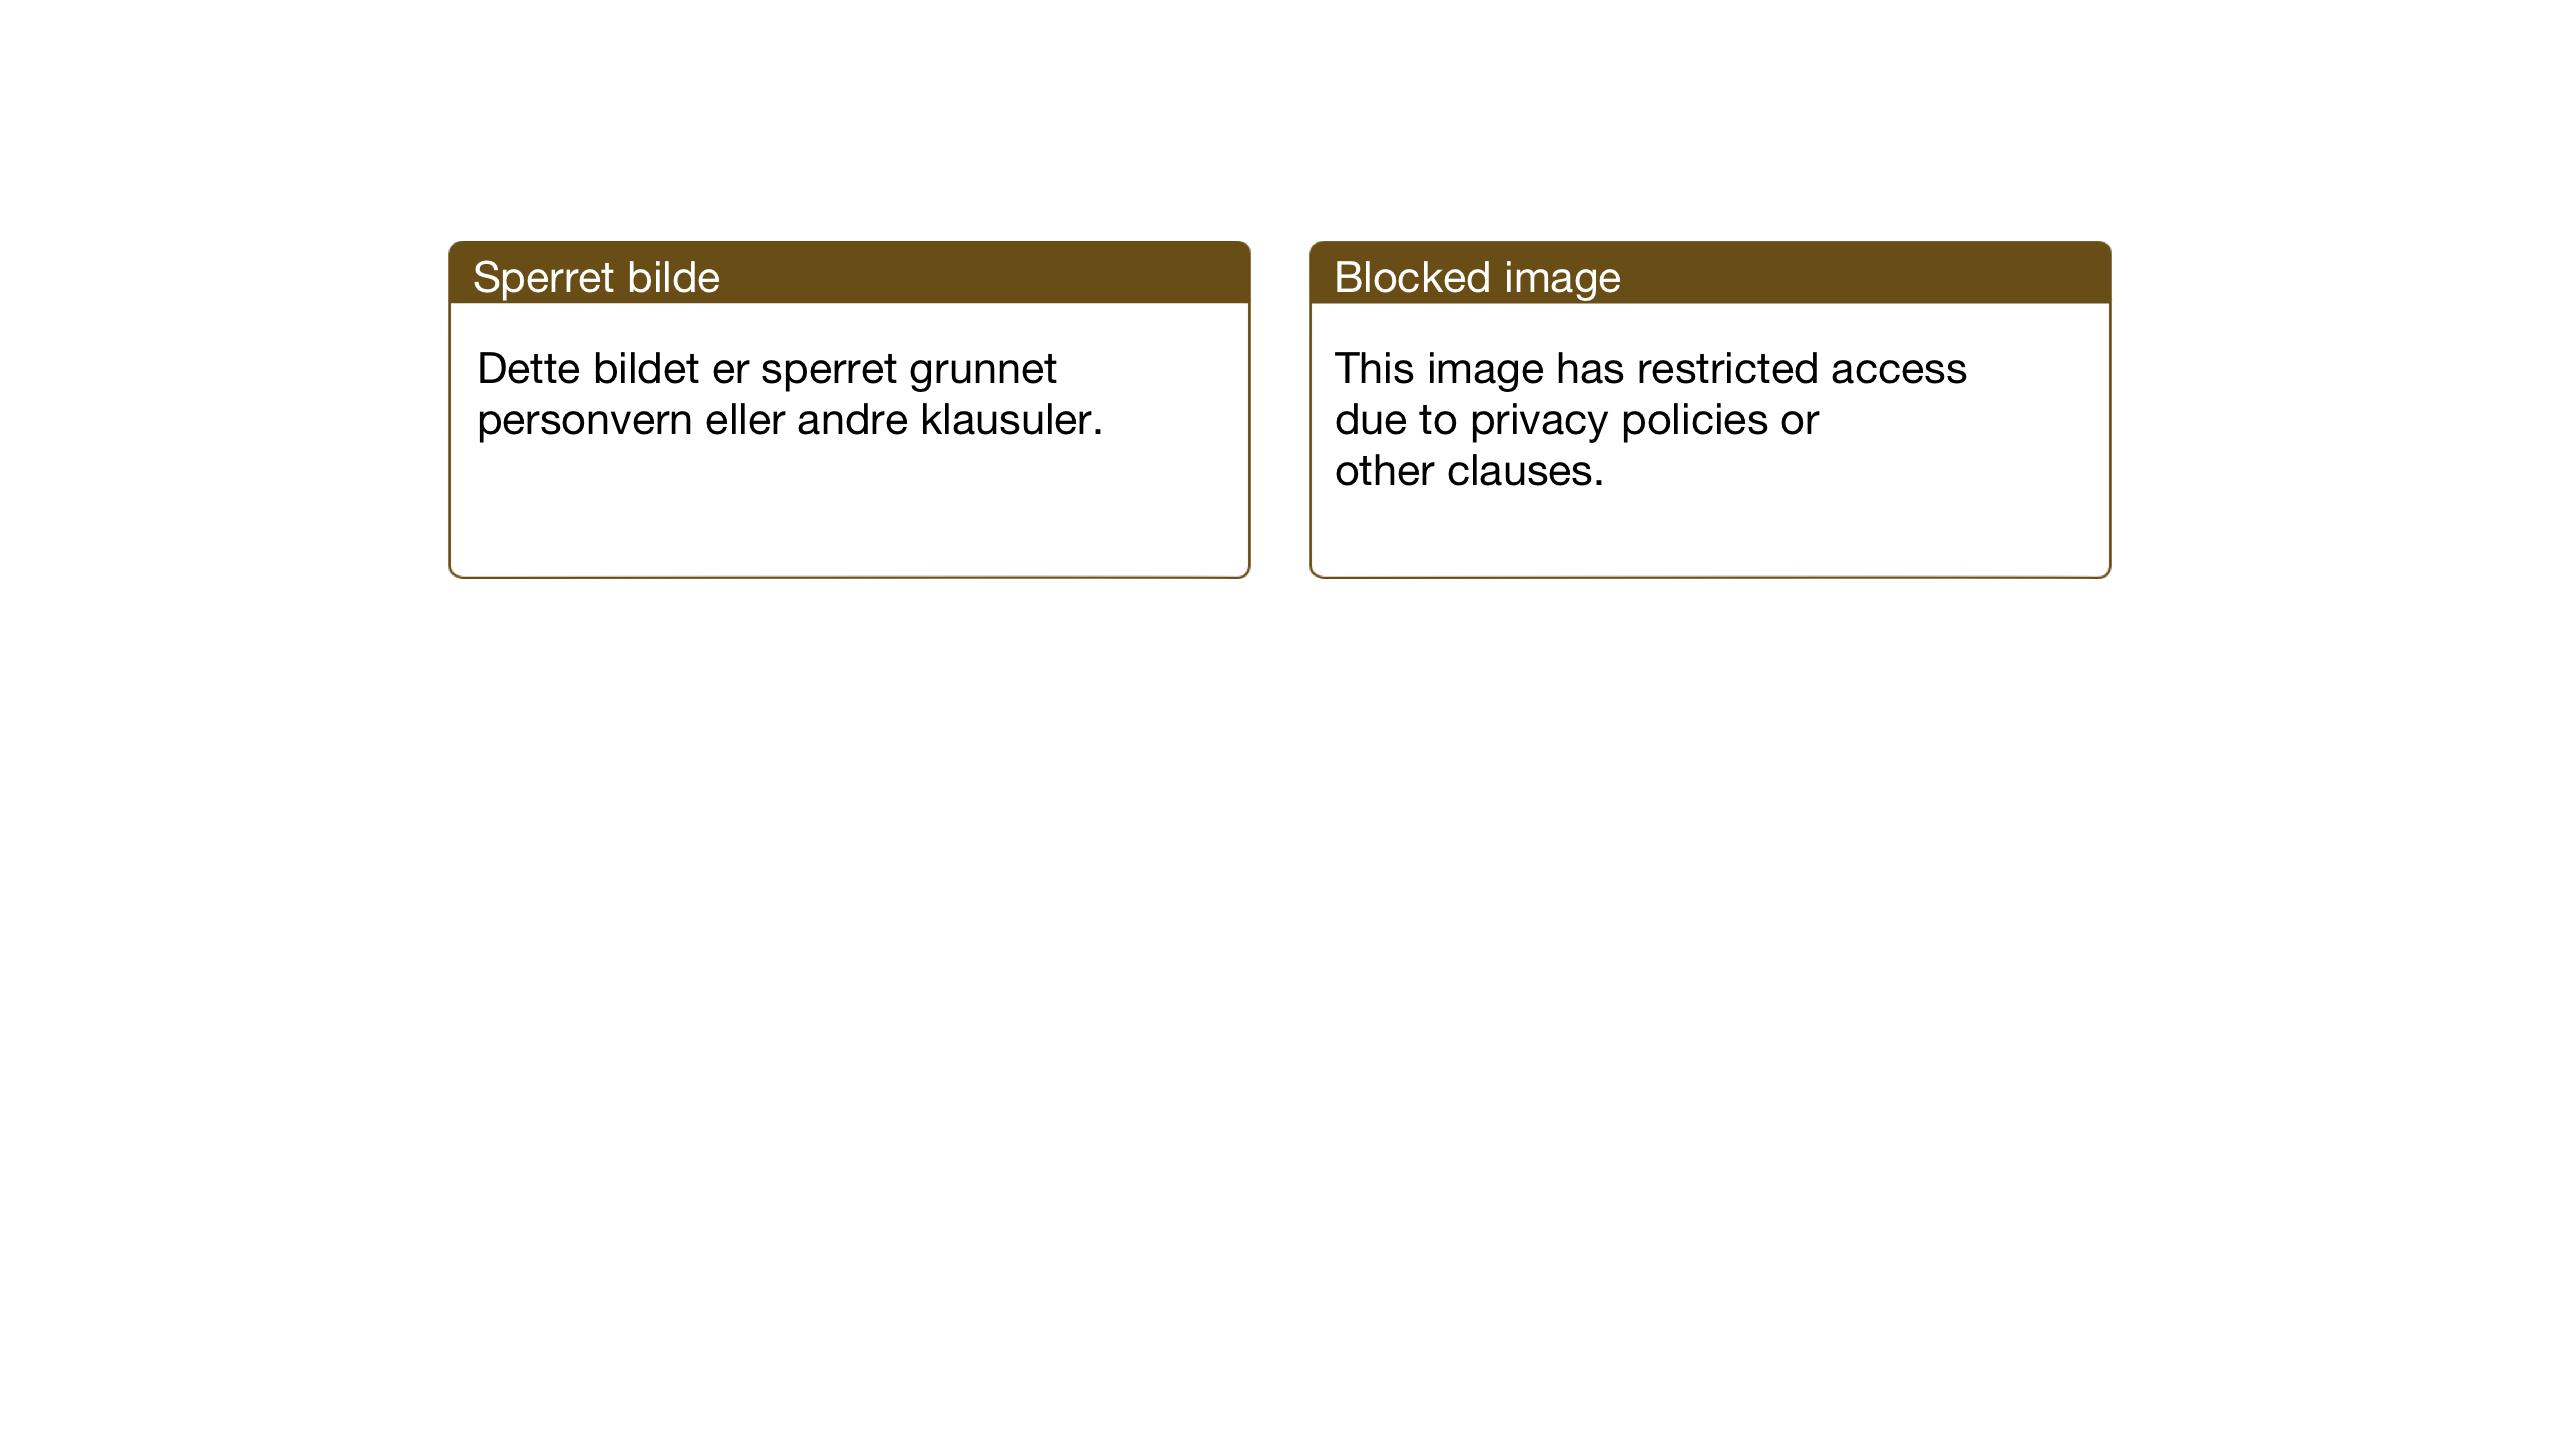 SAT, Ministerialprotokoller, klokkerbøker og fødselsregistre - Nord-Trøndelag, 710/L0097: Klokkerbok nr. 710C02, 1925-1955, s. 159